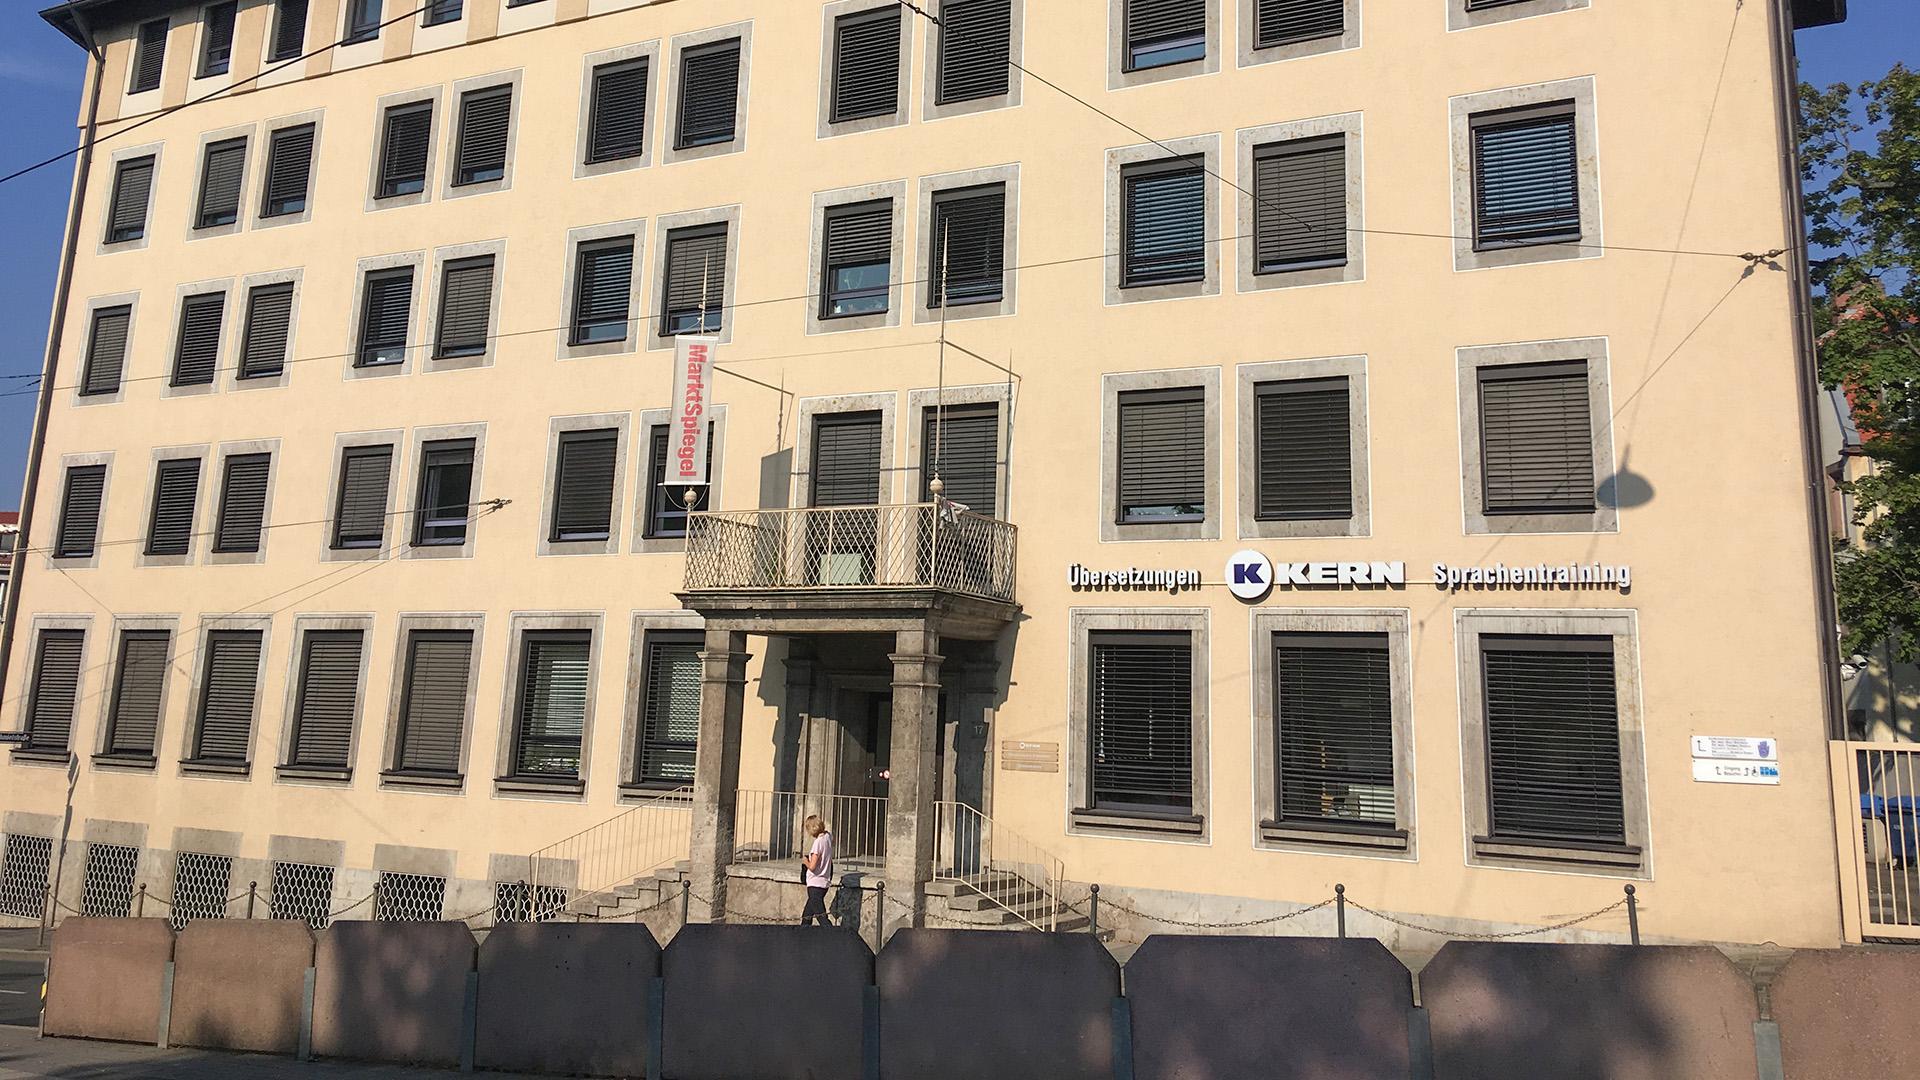 Außenansicht der KERN Sprachschule Nürnberg